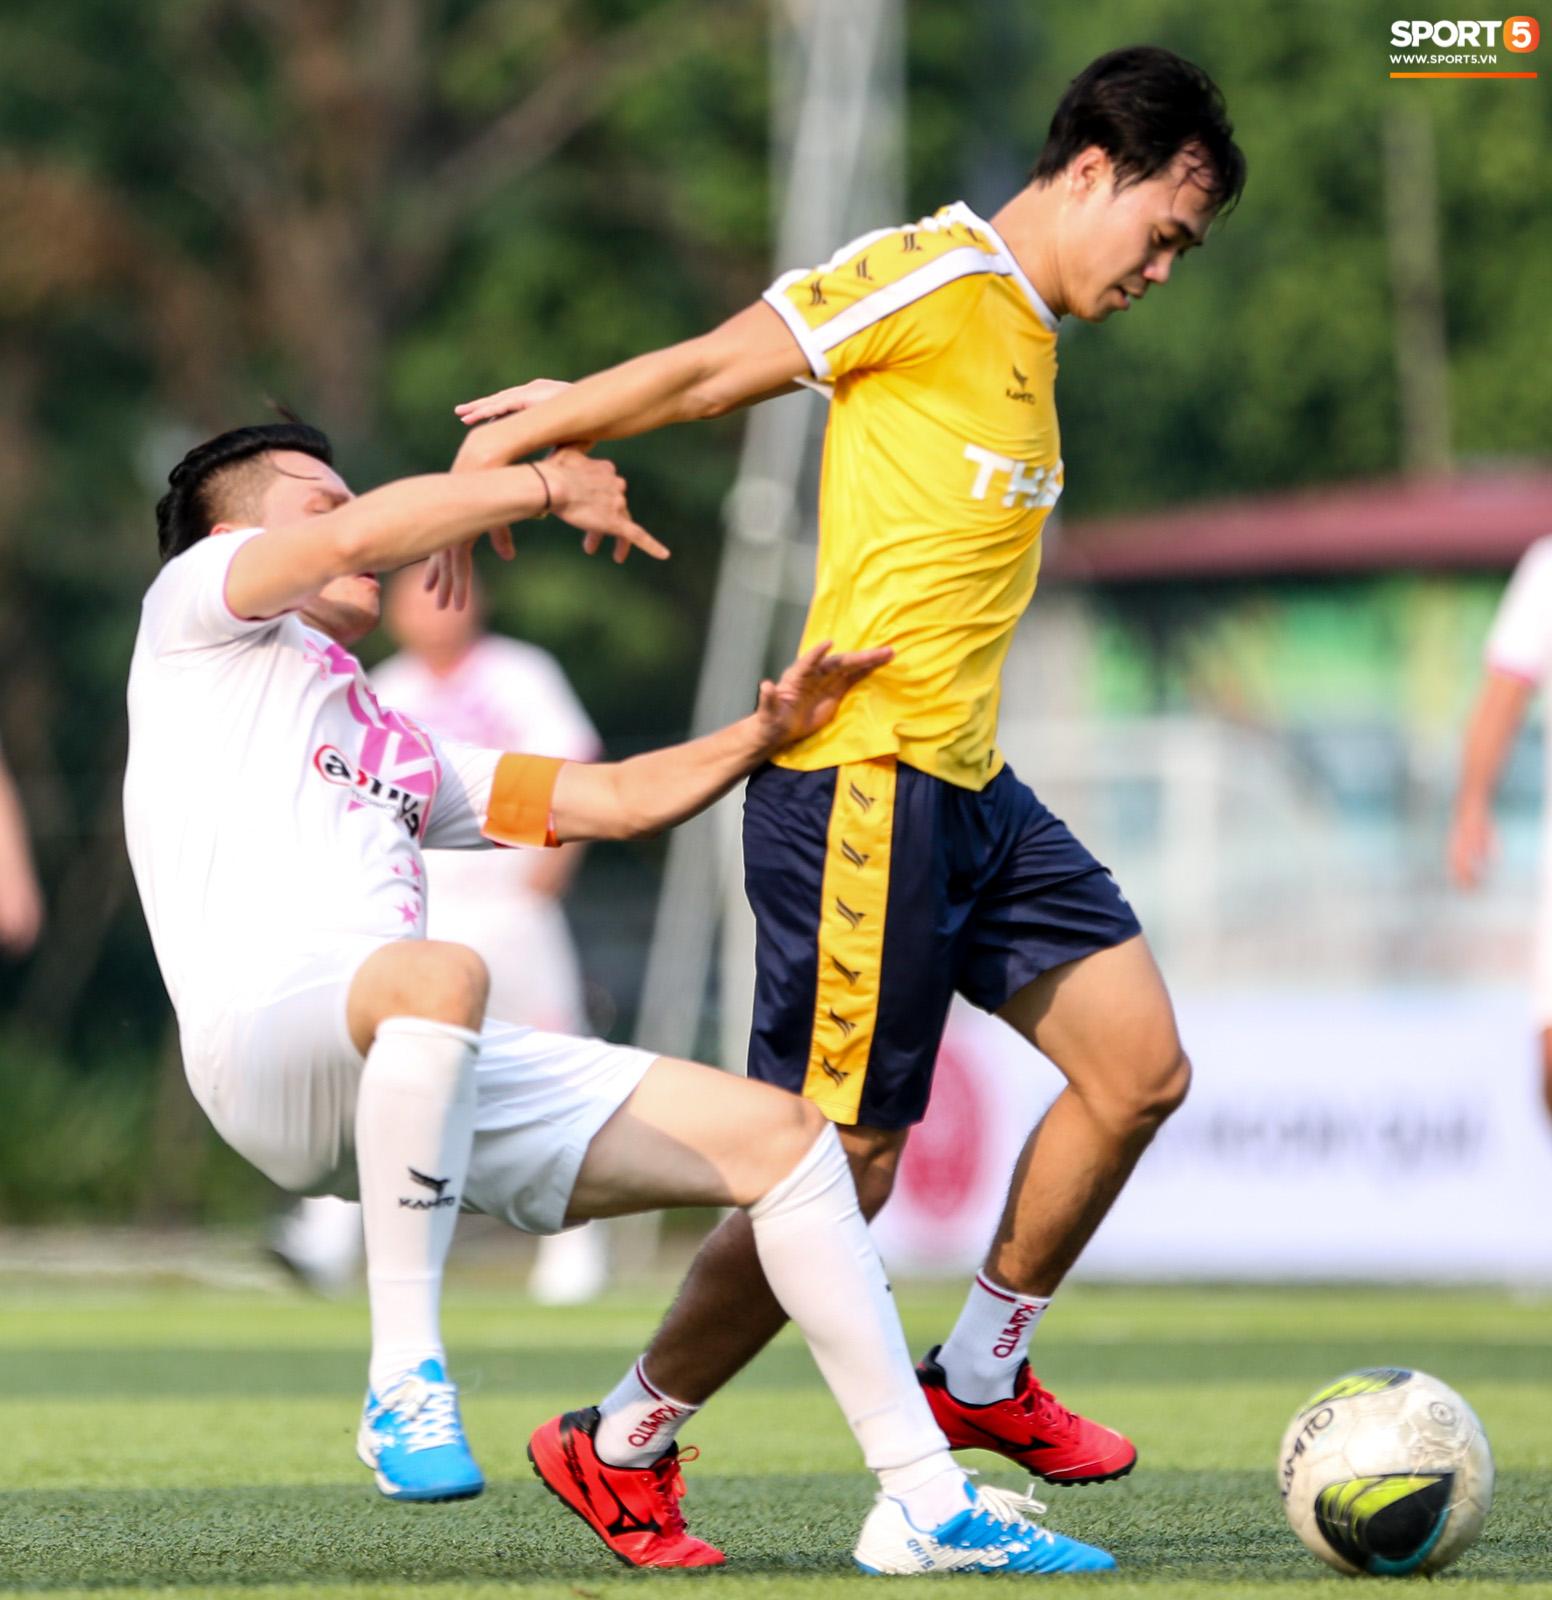 Văn Toàn khiến Phan Hải ngã sõng xoài, làm tất cả trầm trồ với tốc độ khác người trong trận đấu từ thiện - ảnh 4